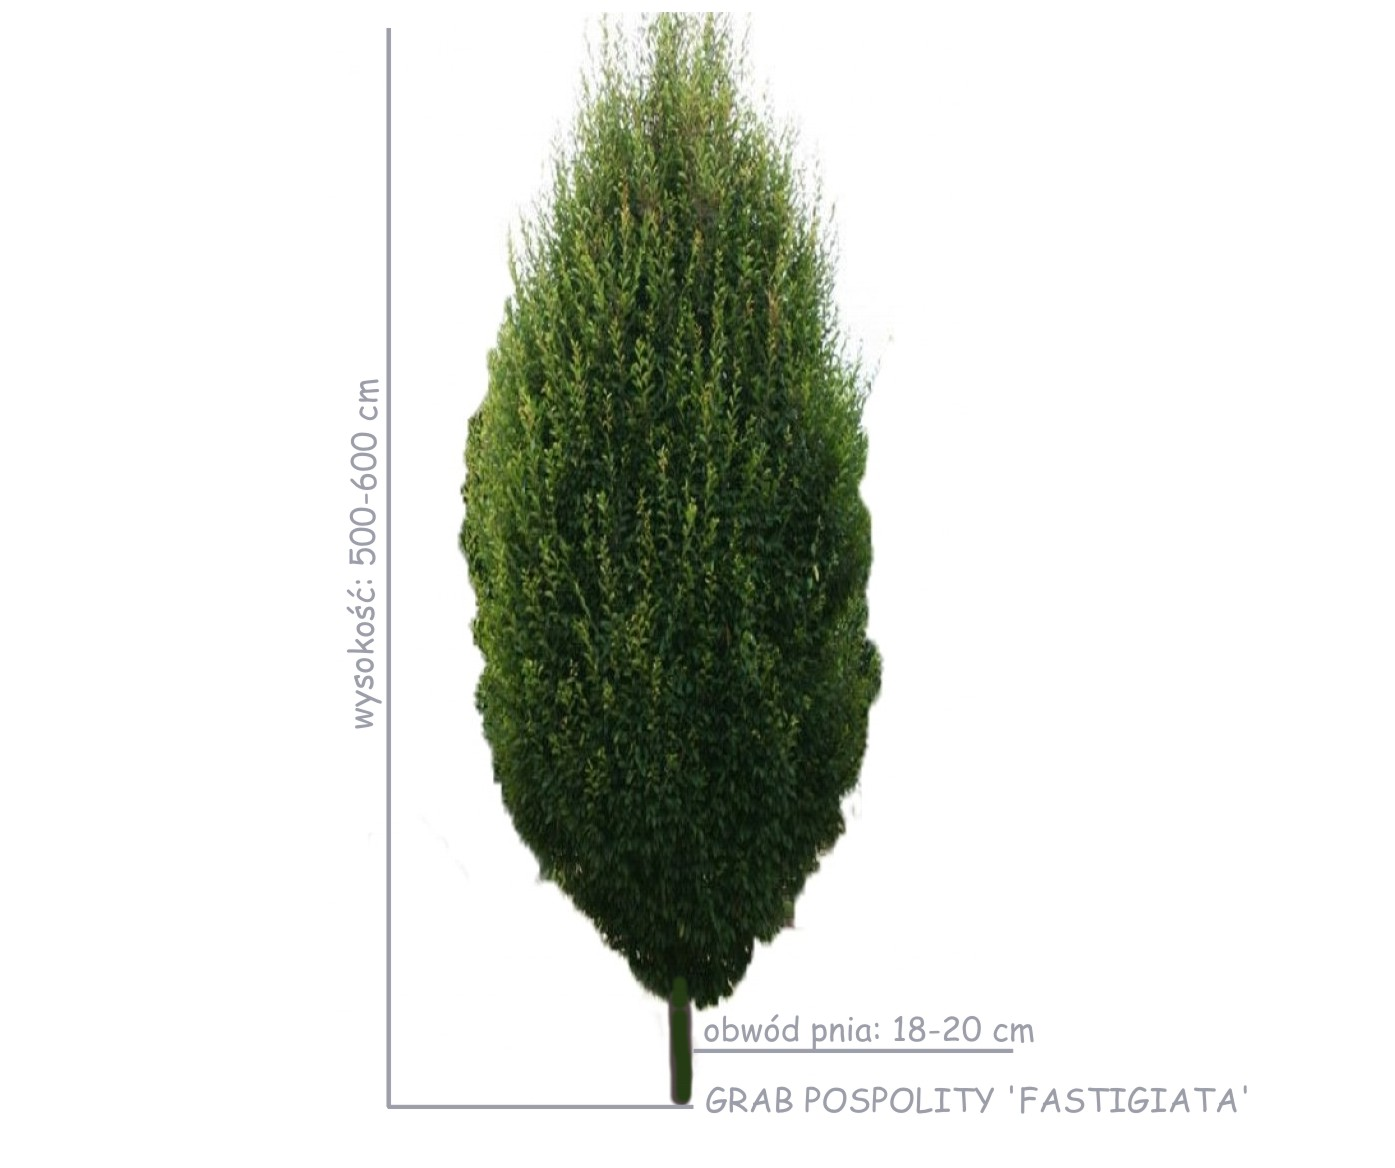 Grab pospolity 'Fastigiata' - duża sadzonka o obwodzie 18-20 cm